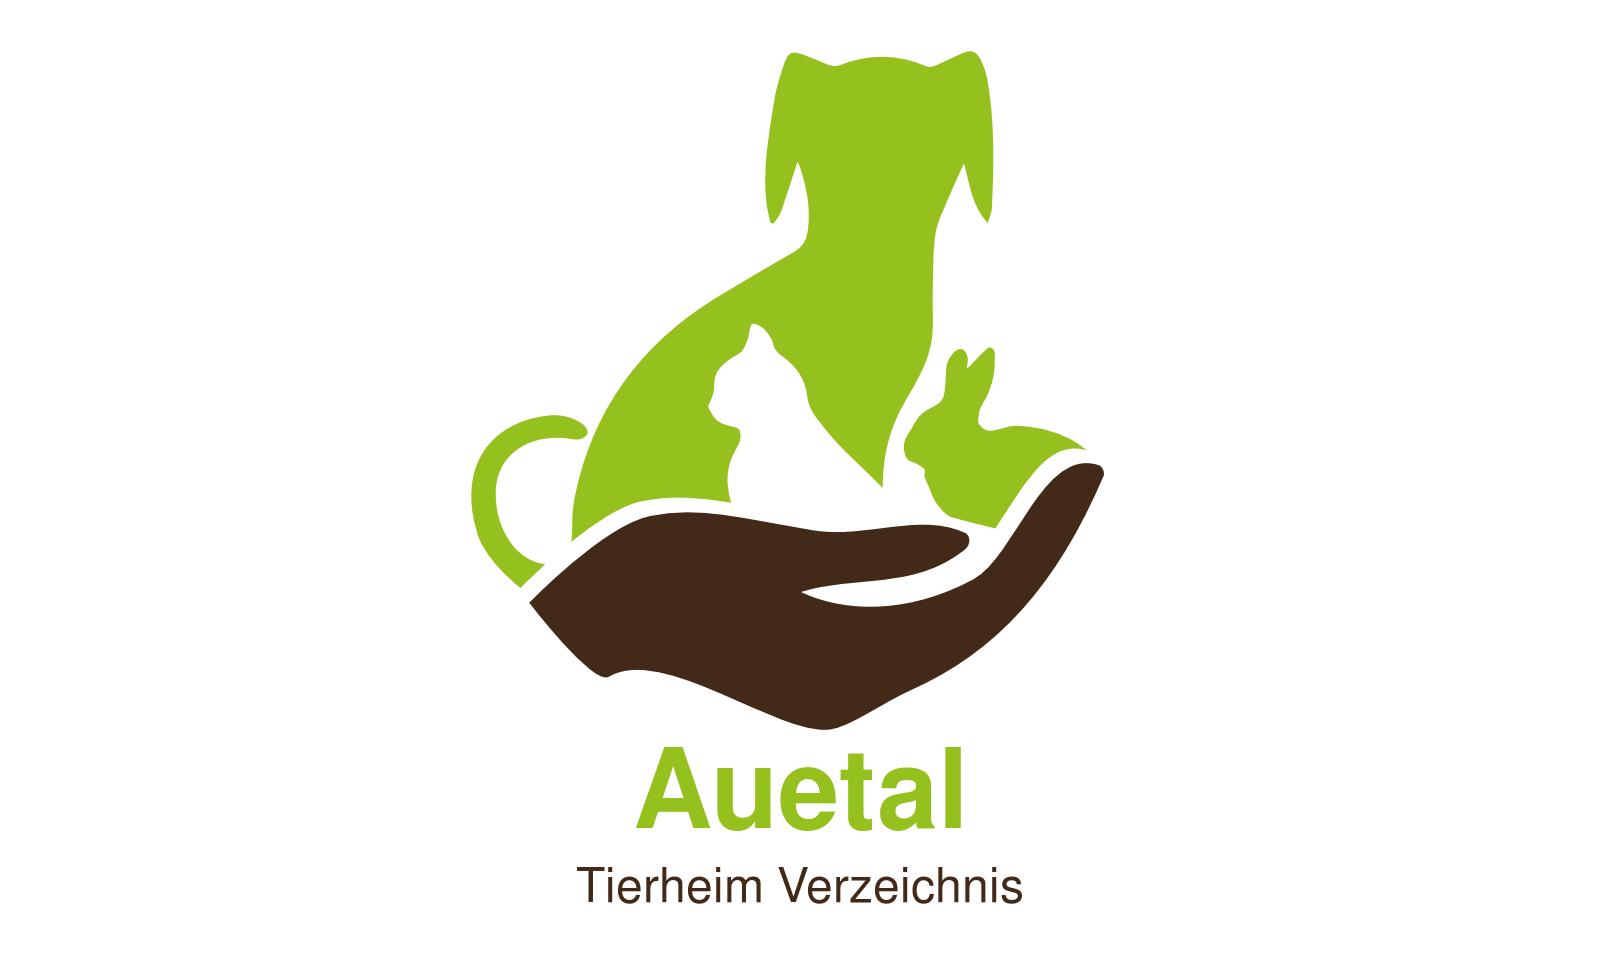 Tierheim Auetal